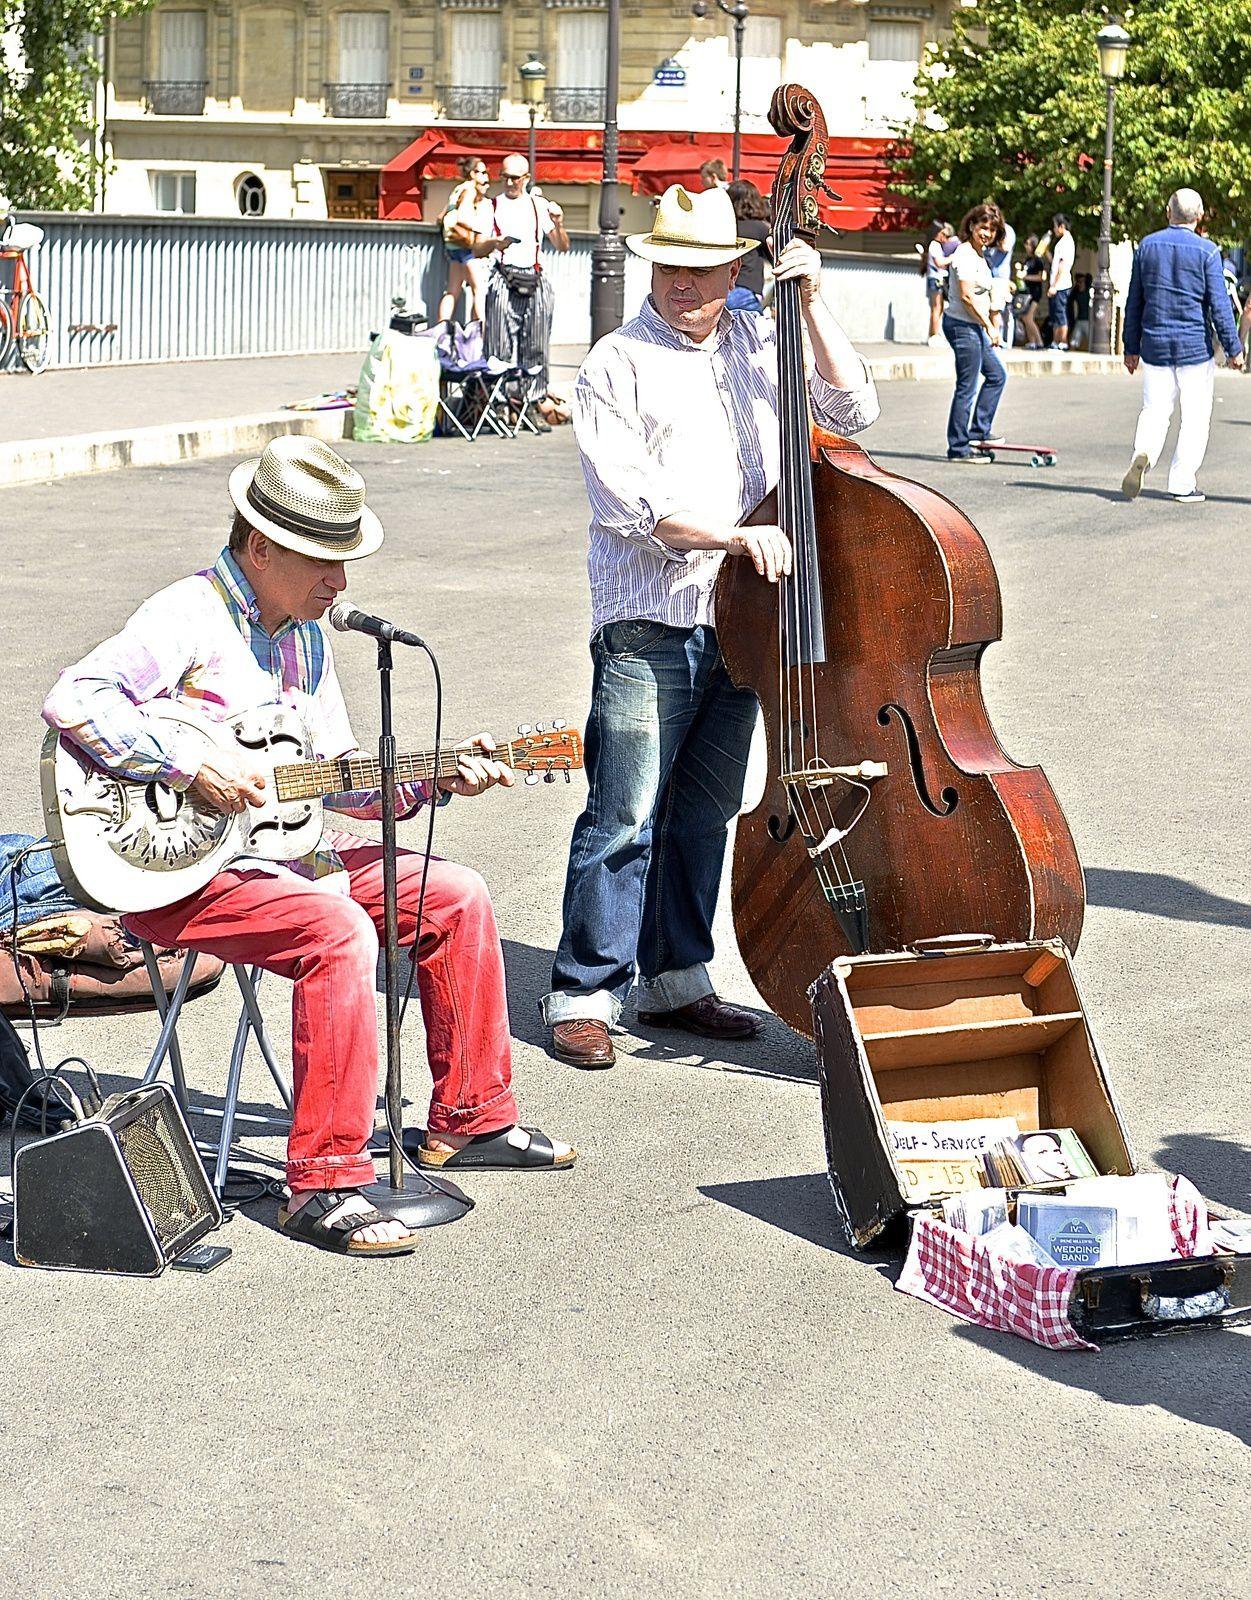 The artists in Paris Montmartre.